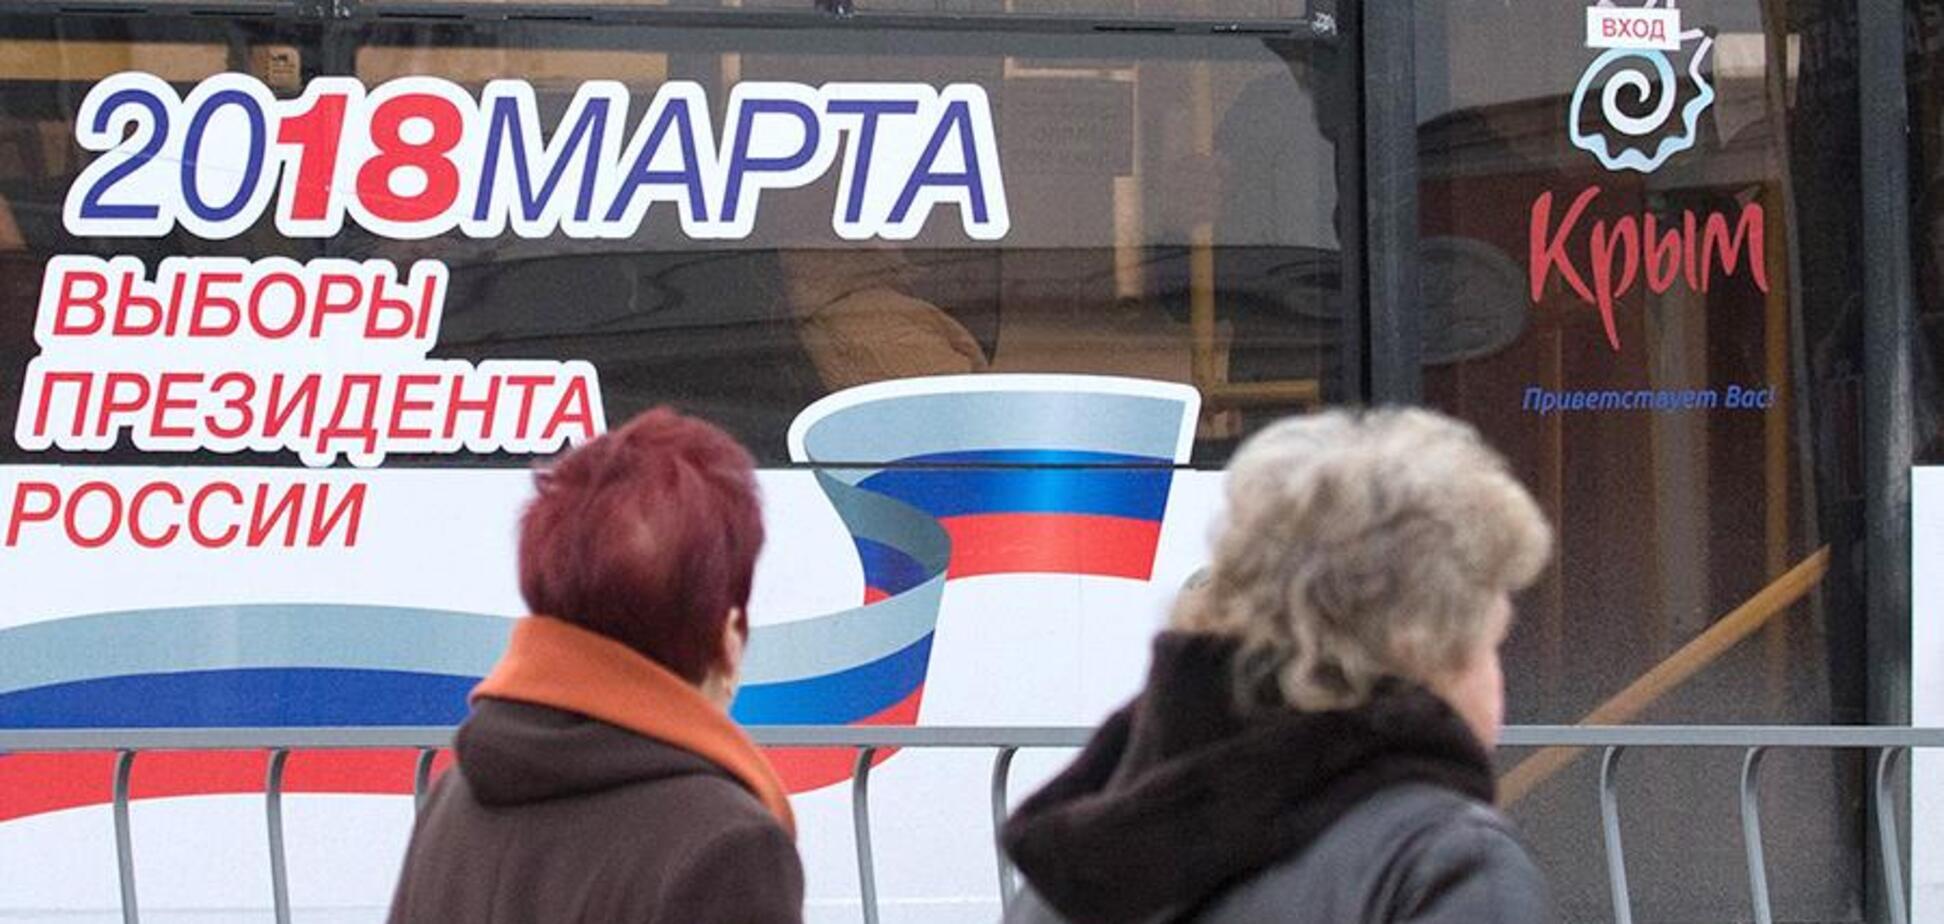 В Крыму бюджетникам угрожают за неявку на 'выборы' Путина